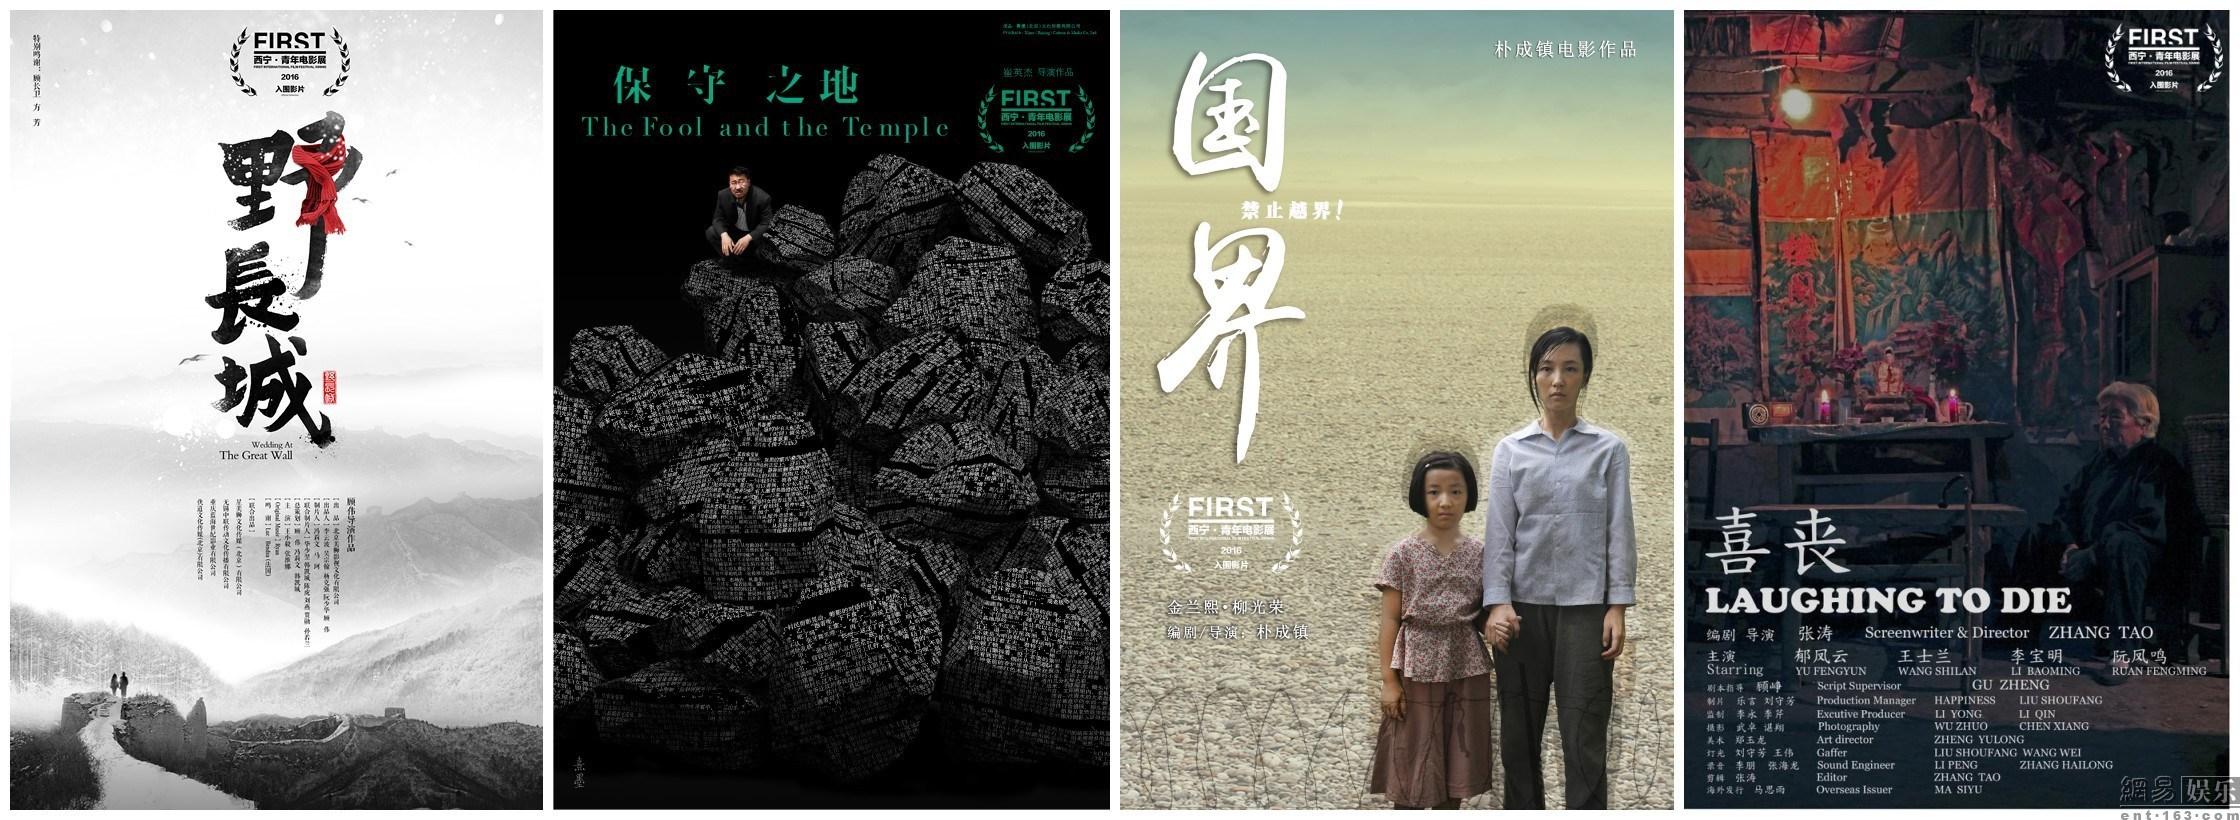 第十届西宁first青年电影展提名影片海报集锦